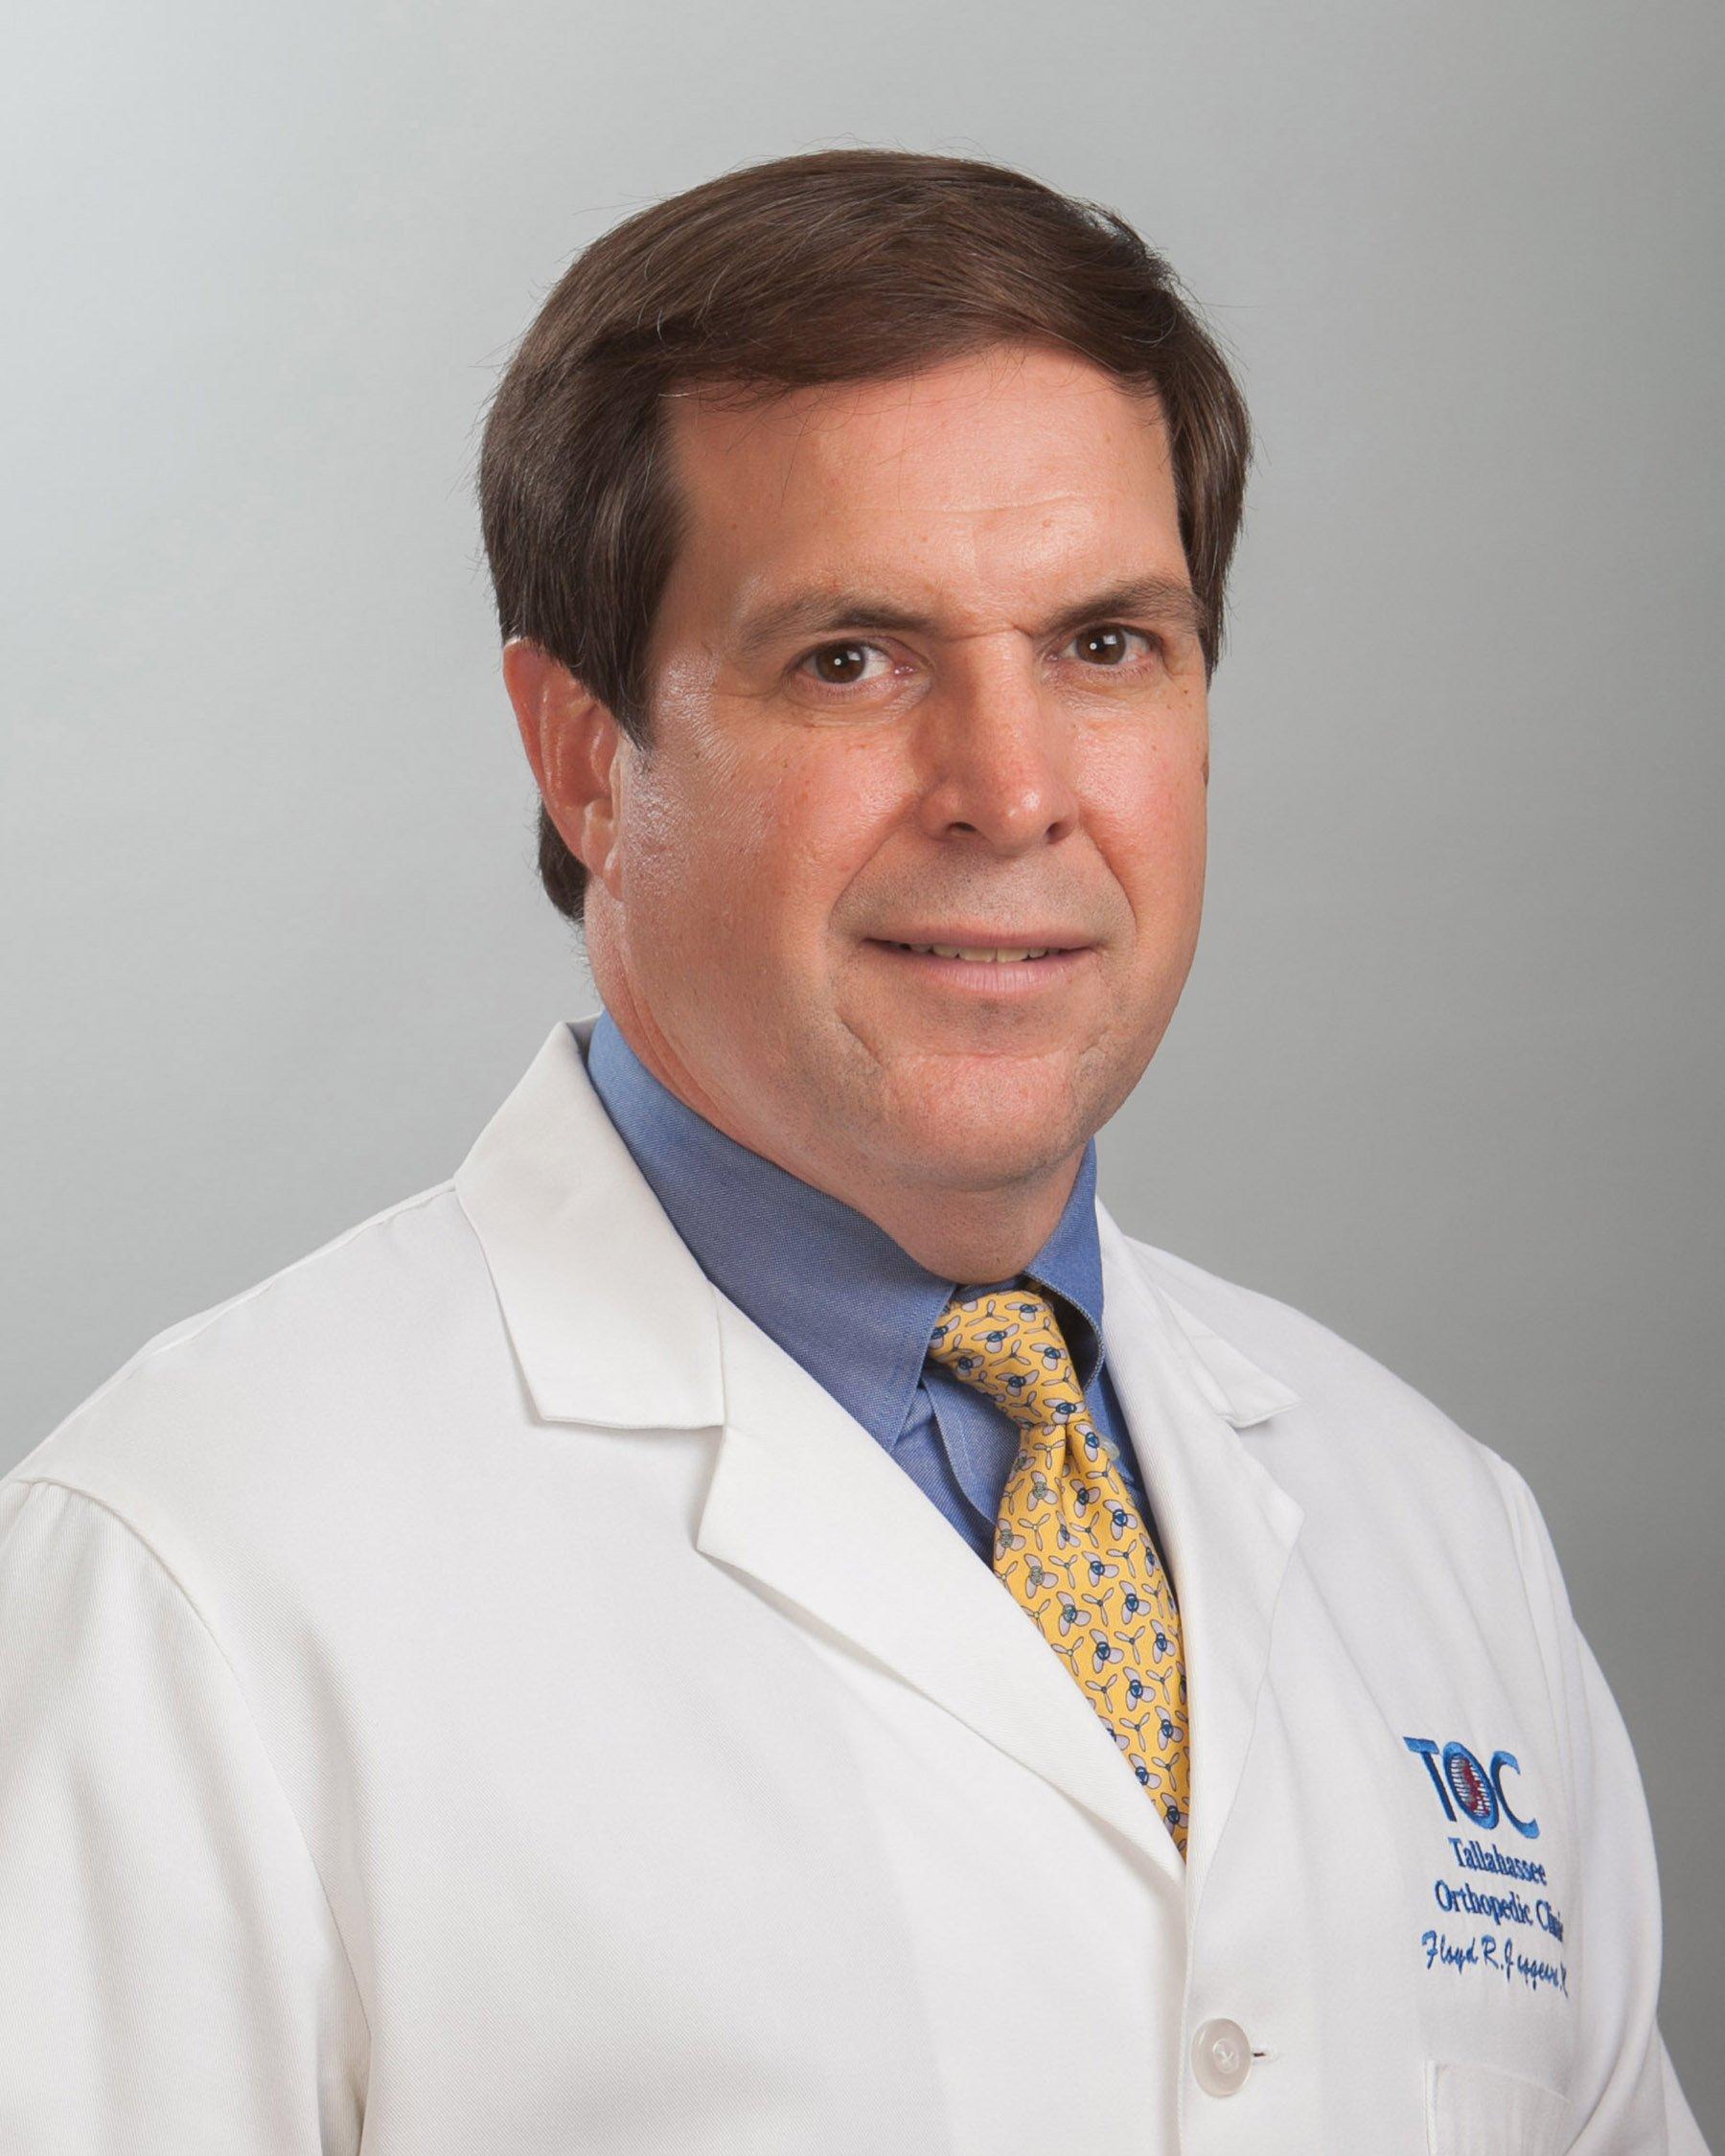 Floyd R. Jaggears, MD